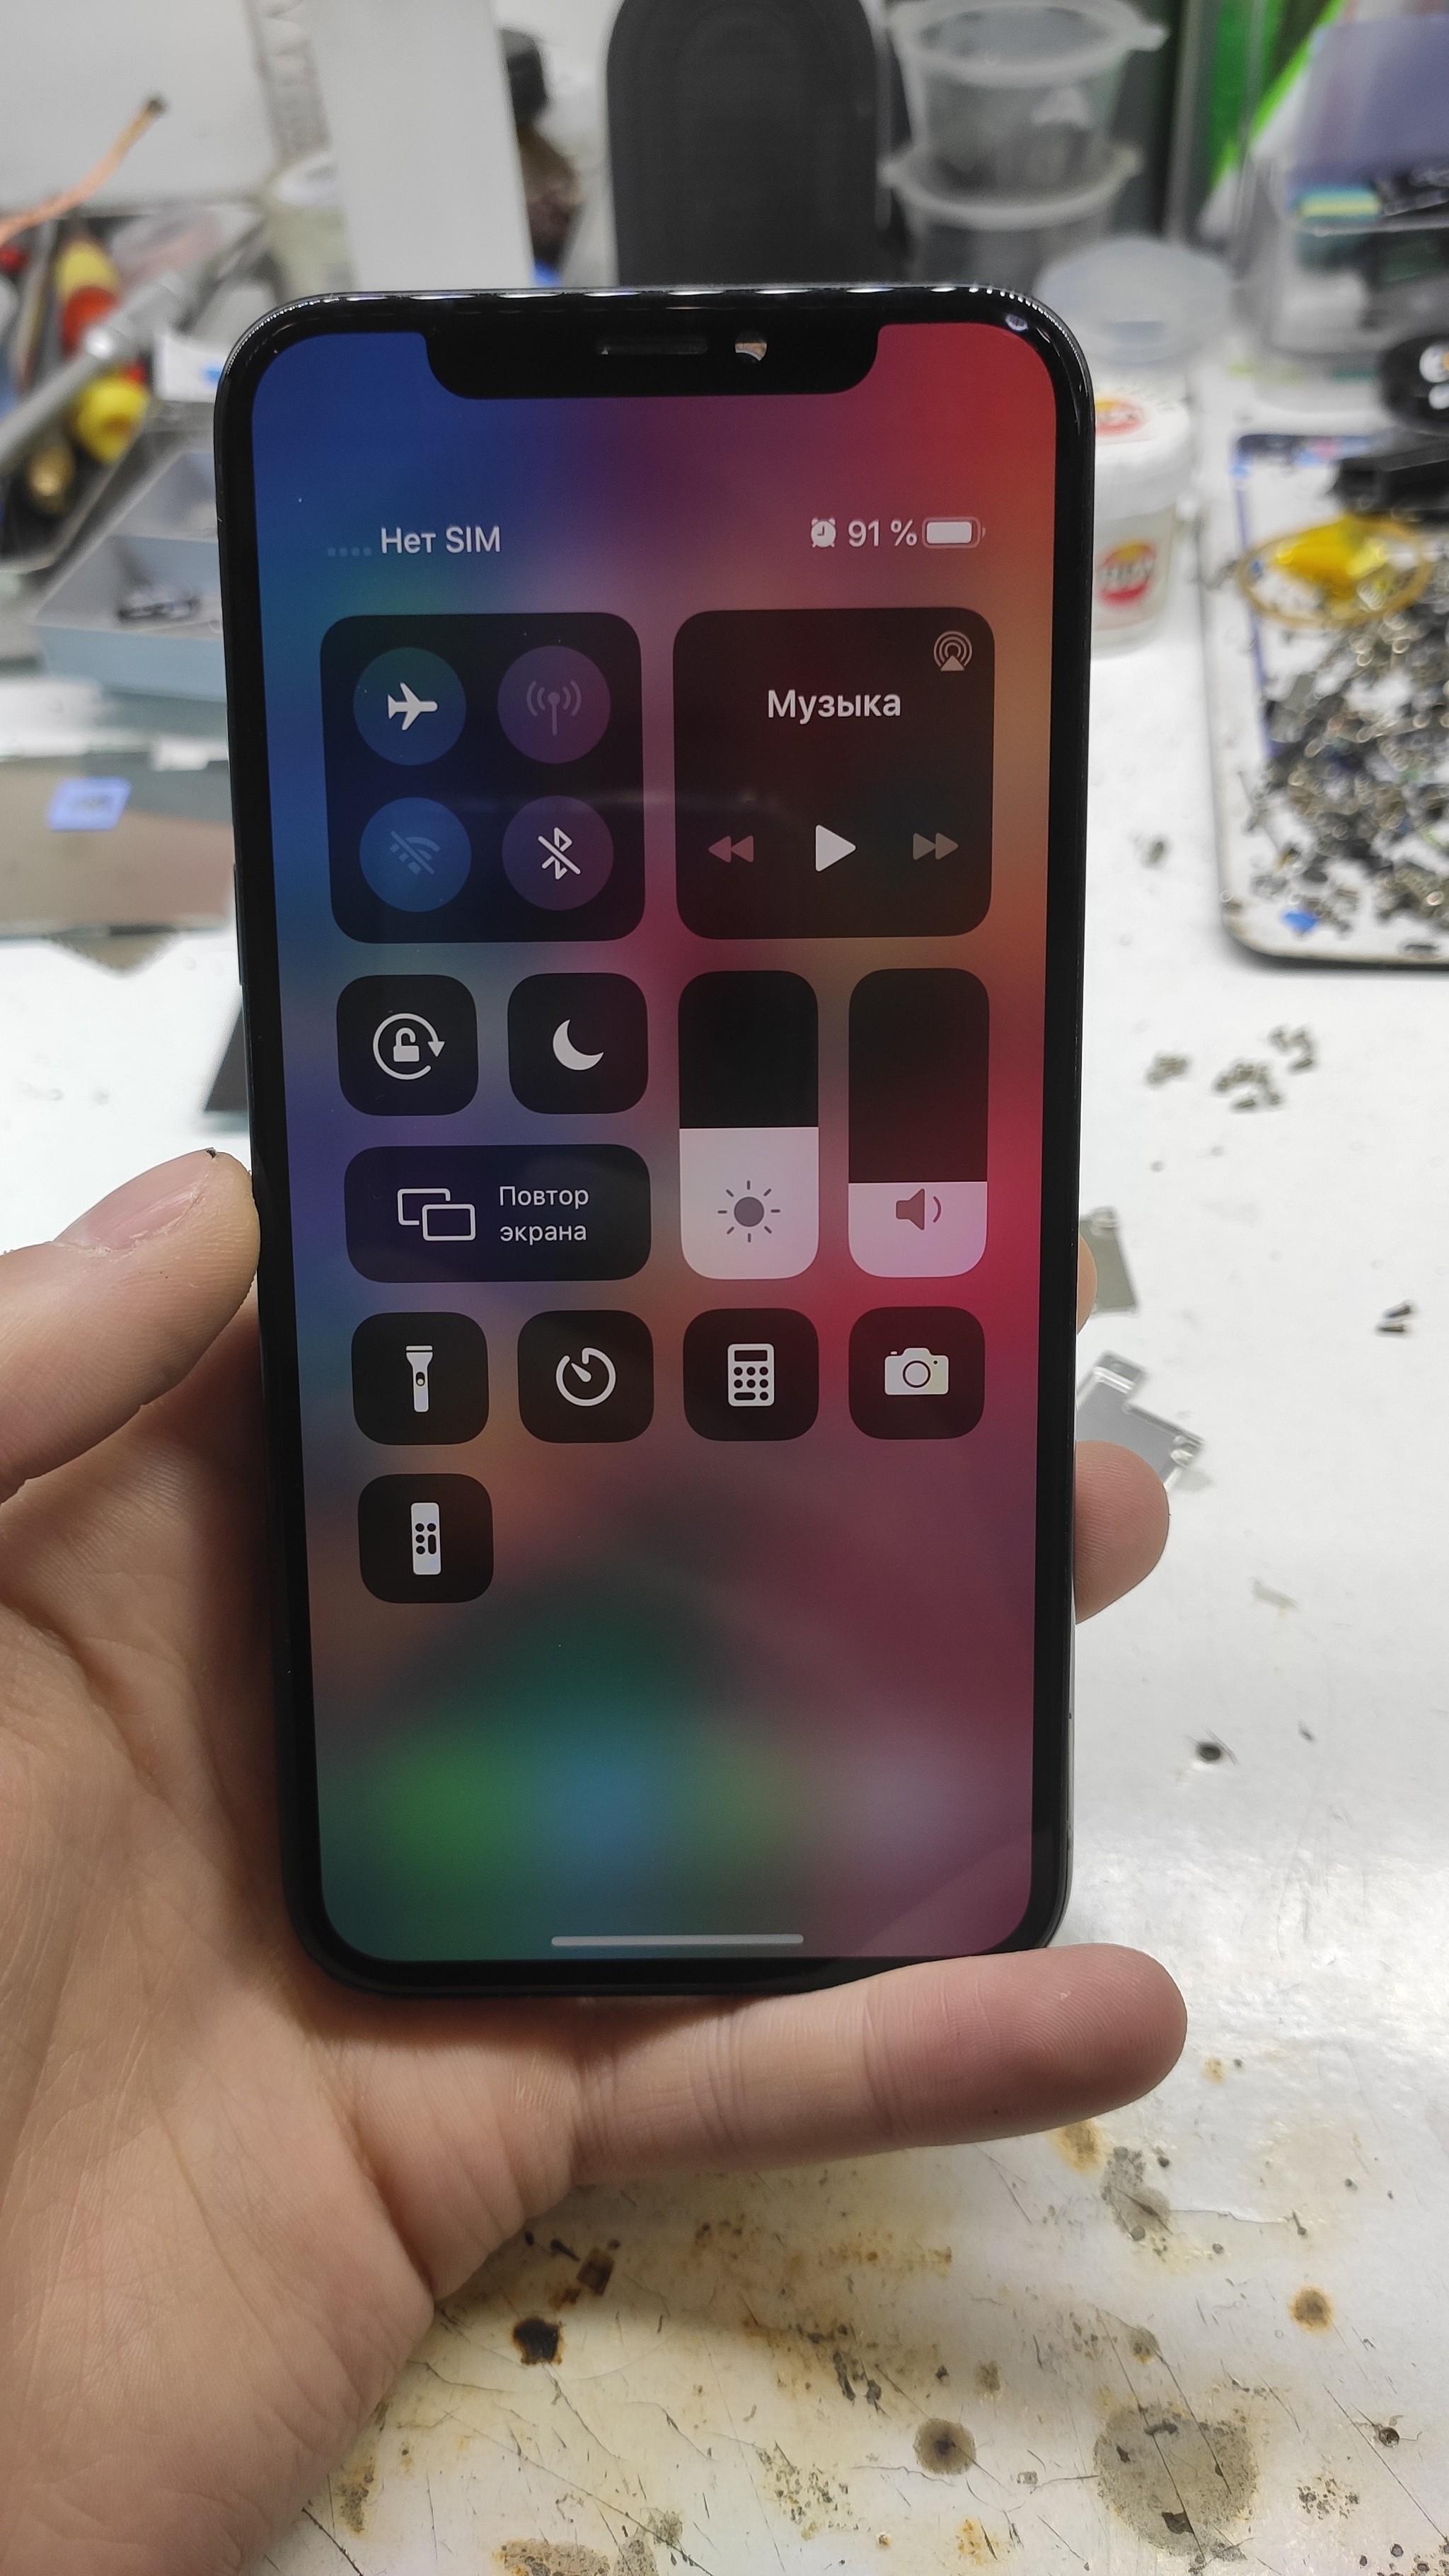 намочила айфон сколько стоит ремонт